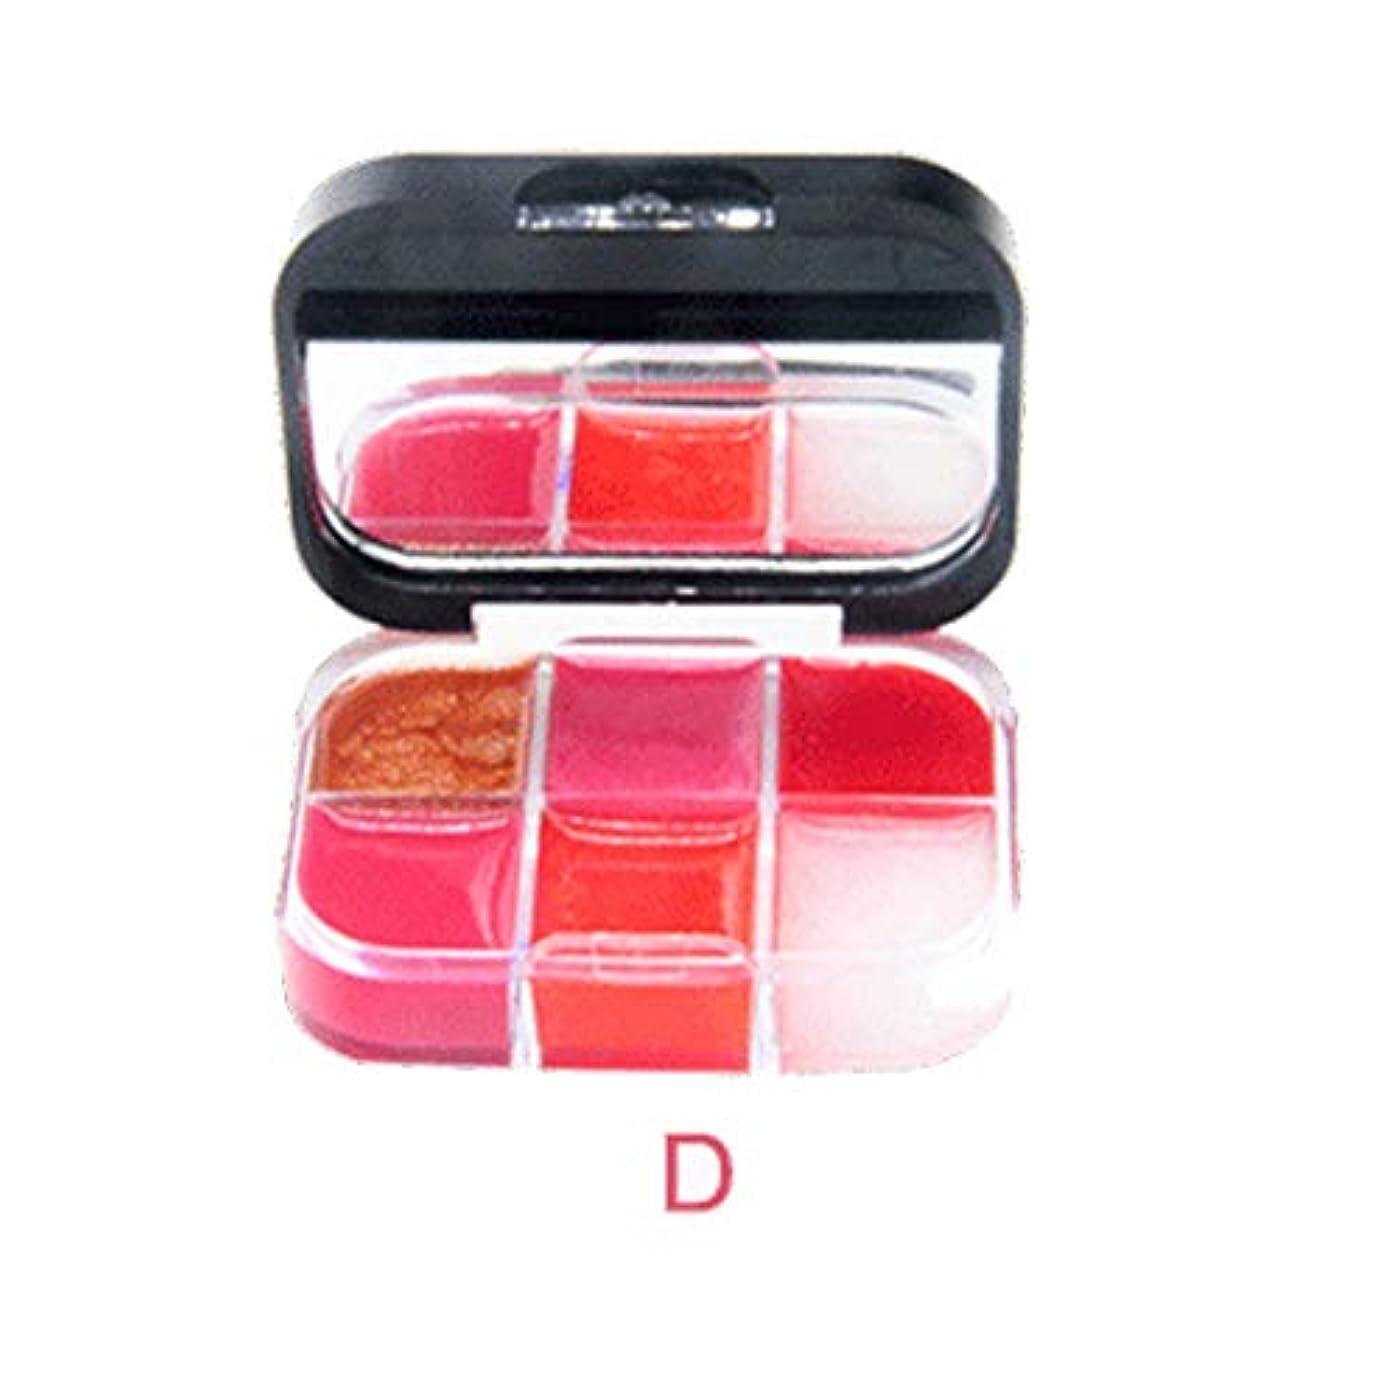 ランダム爆発フェロー諸島美は口紅の保湿剤の唇の光沢の化粧品セットを構成します